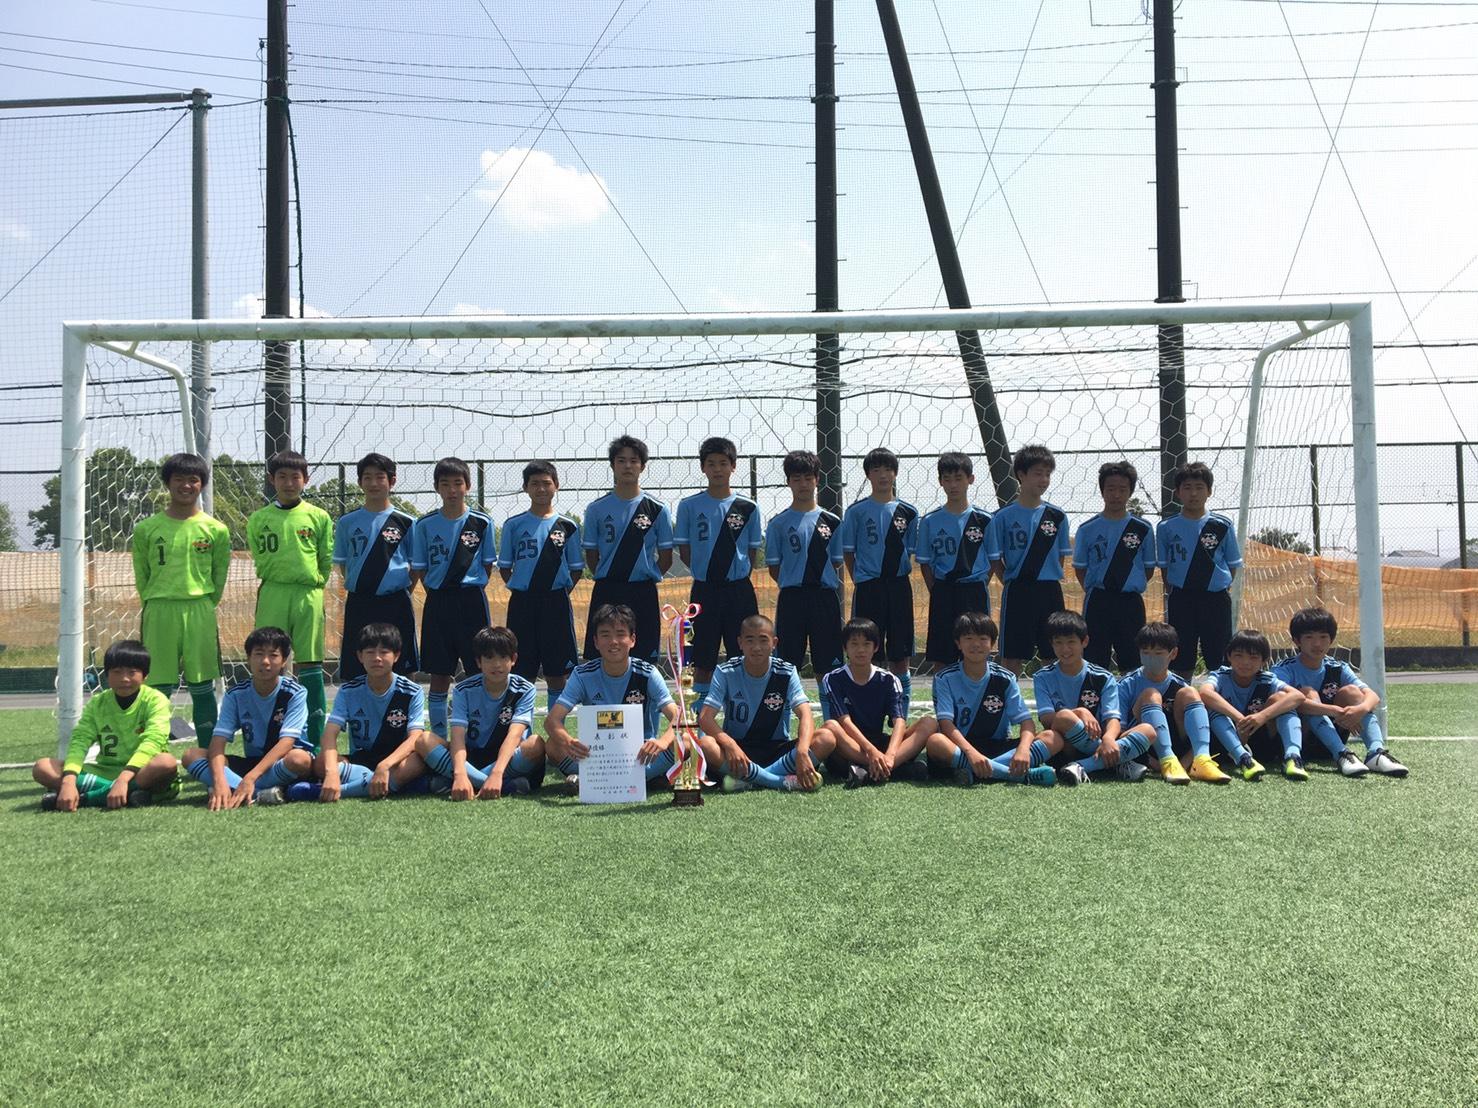 第36回 日本クラブユースサッカー選手権(U-15)大会 奈良県大会【最終結果】